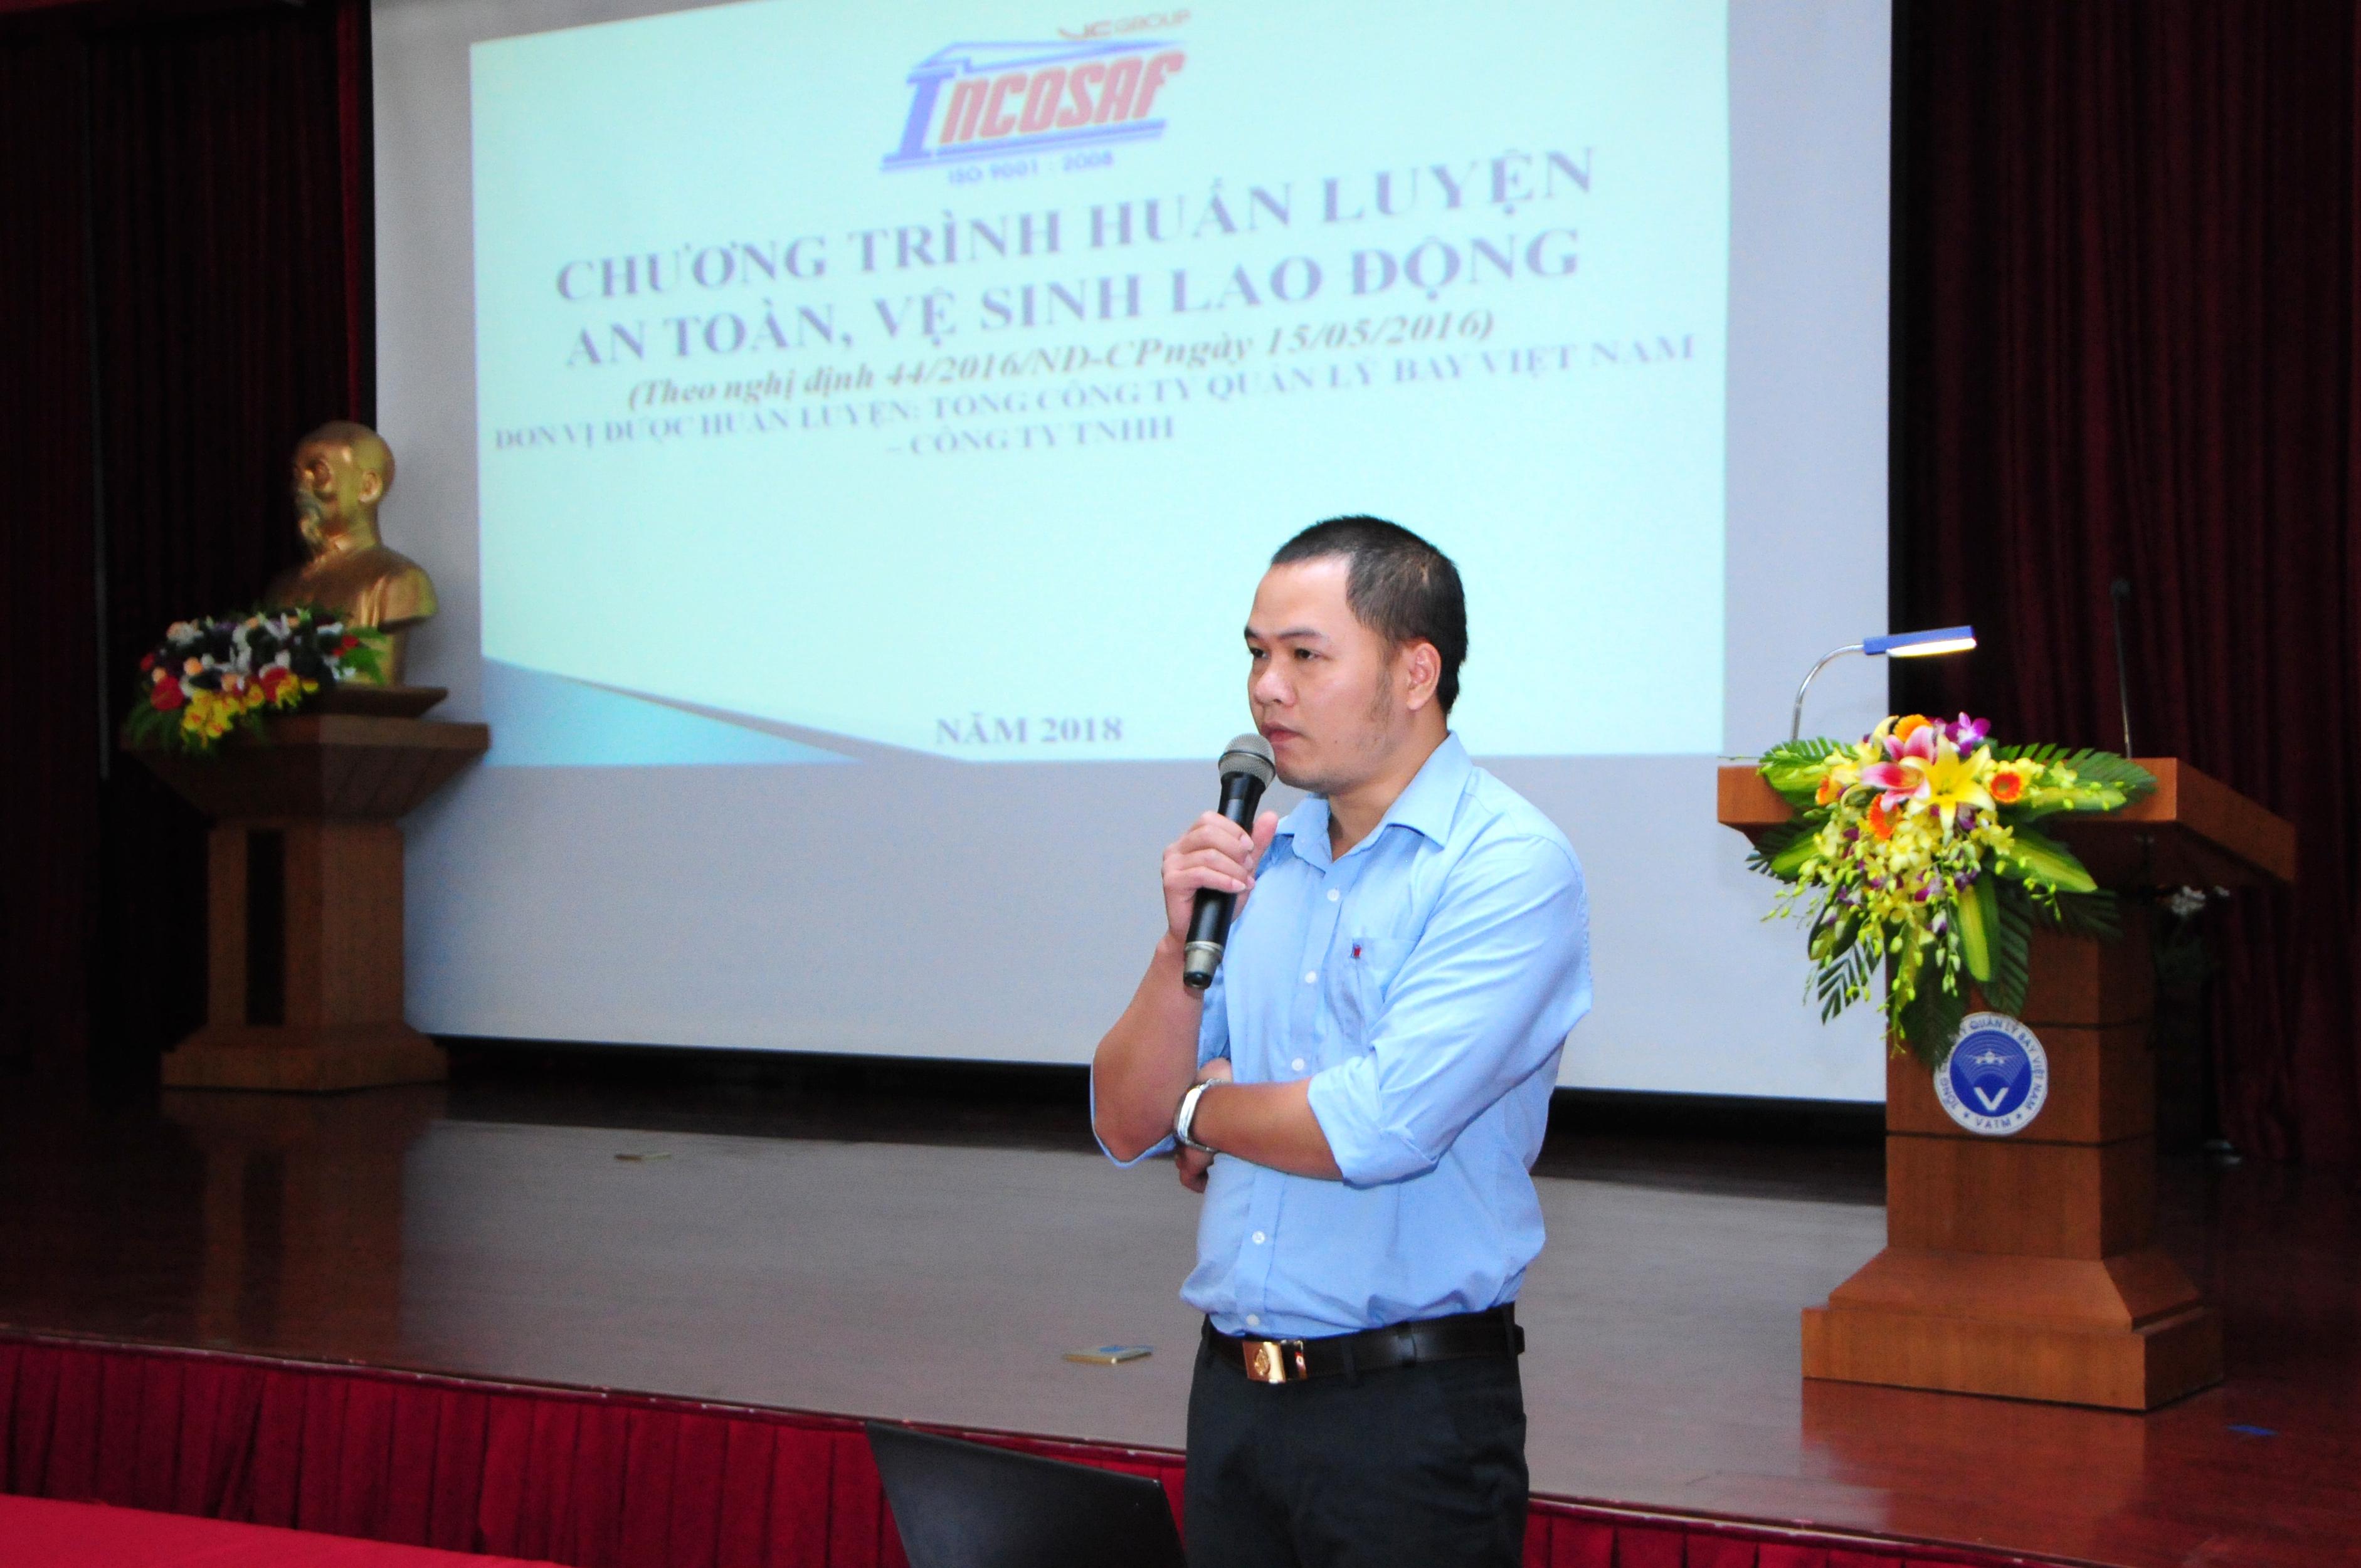 VATM: Huấn luyện an toàn lao động, vệ sinh lao động năm 2018